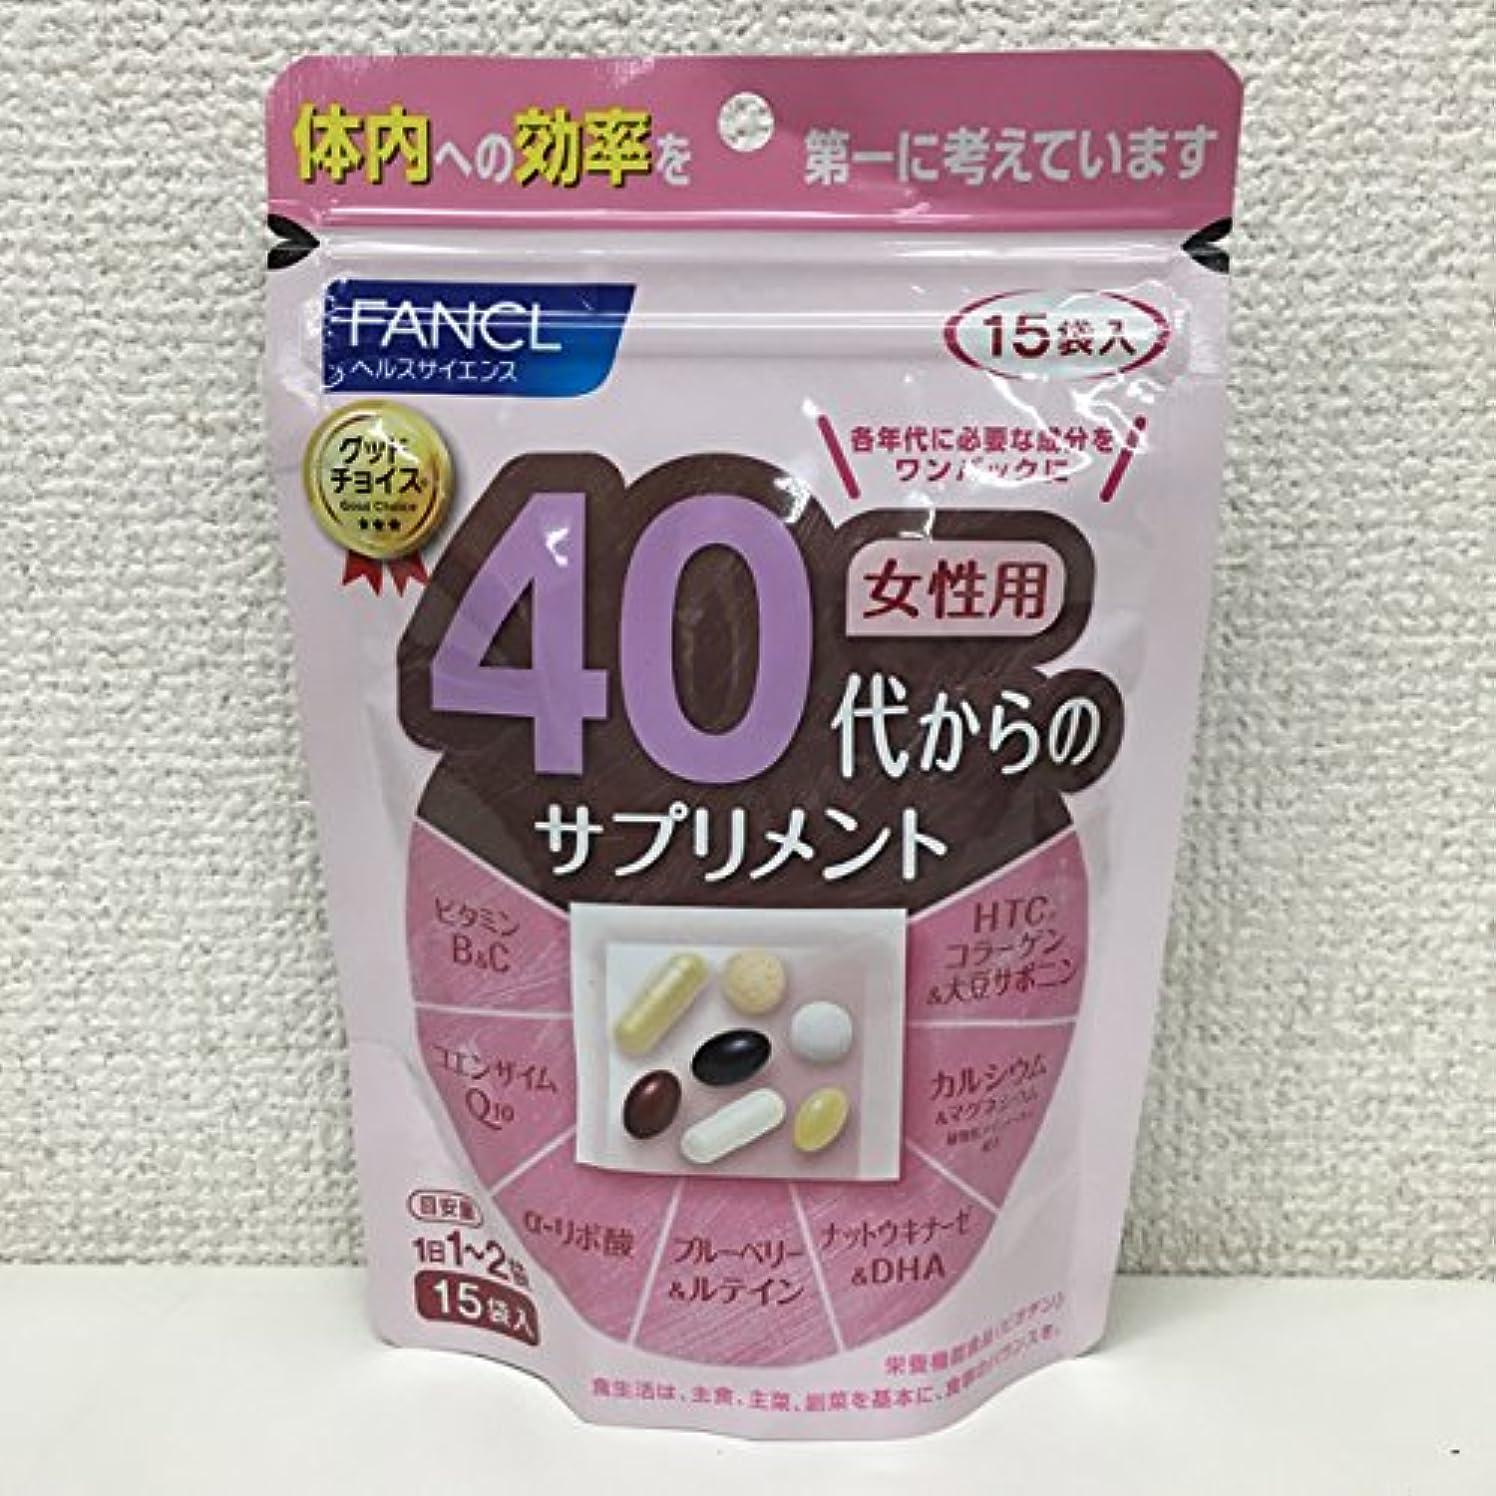 研磨重要性ペイン40代からのサプリメント 女性用 15袋入